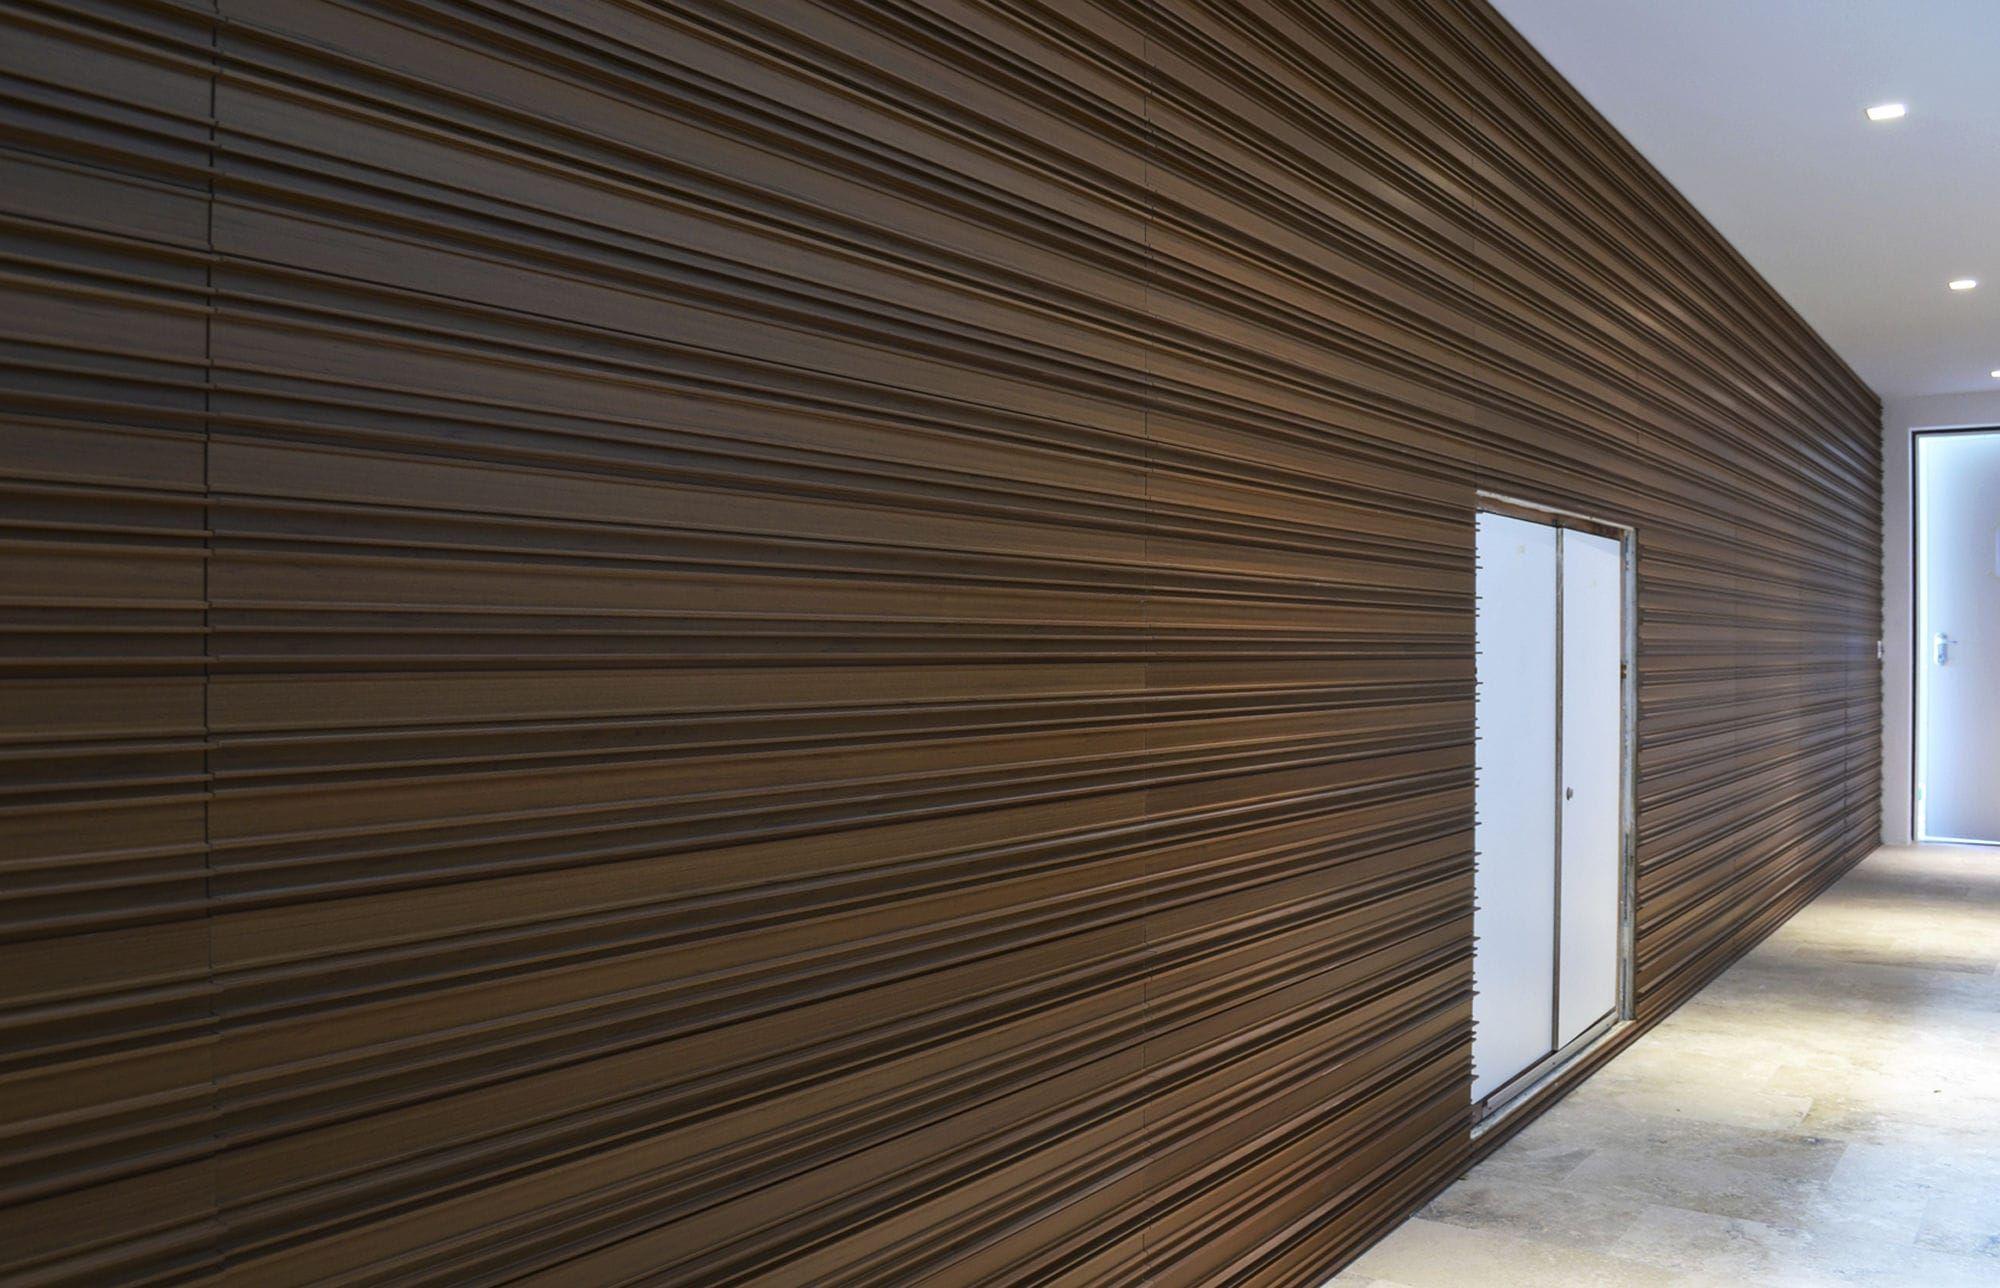 Waterproof Outdoor Wall Panel Supplier In Mauritius Comfortable Waterproof Outdoor Wall Panel